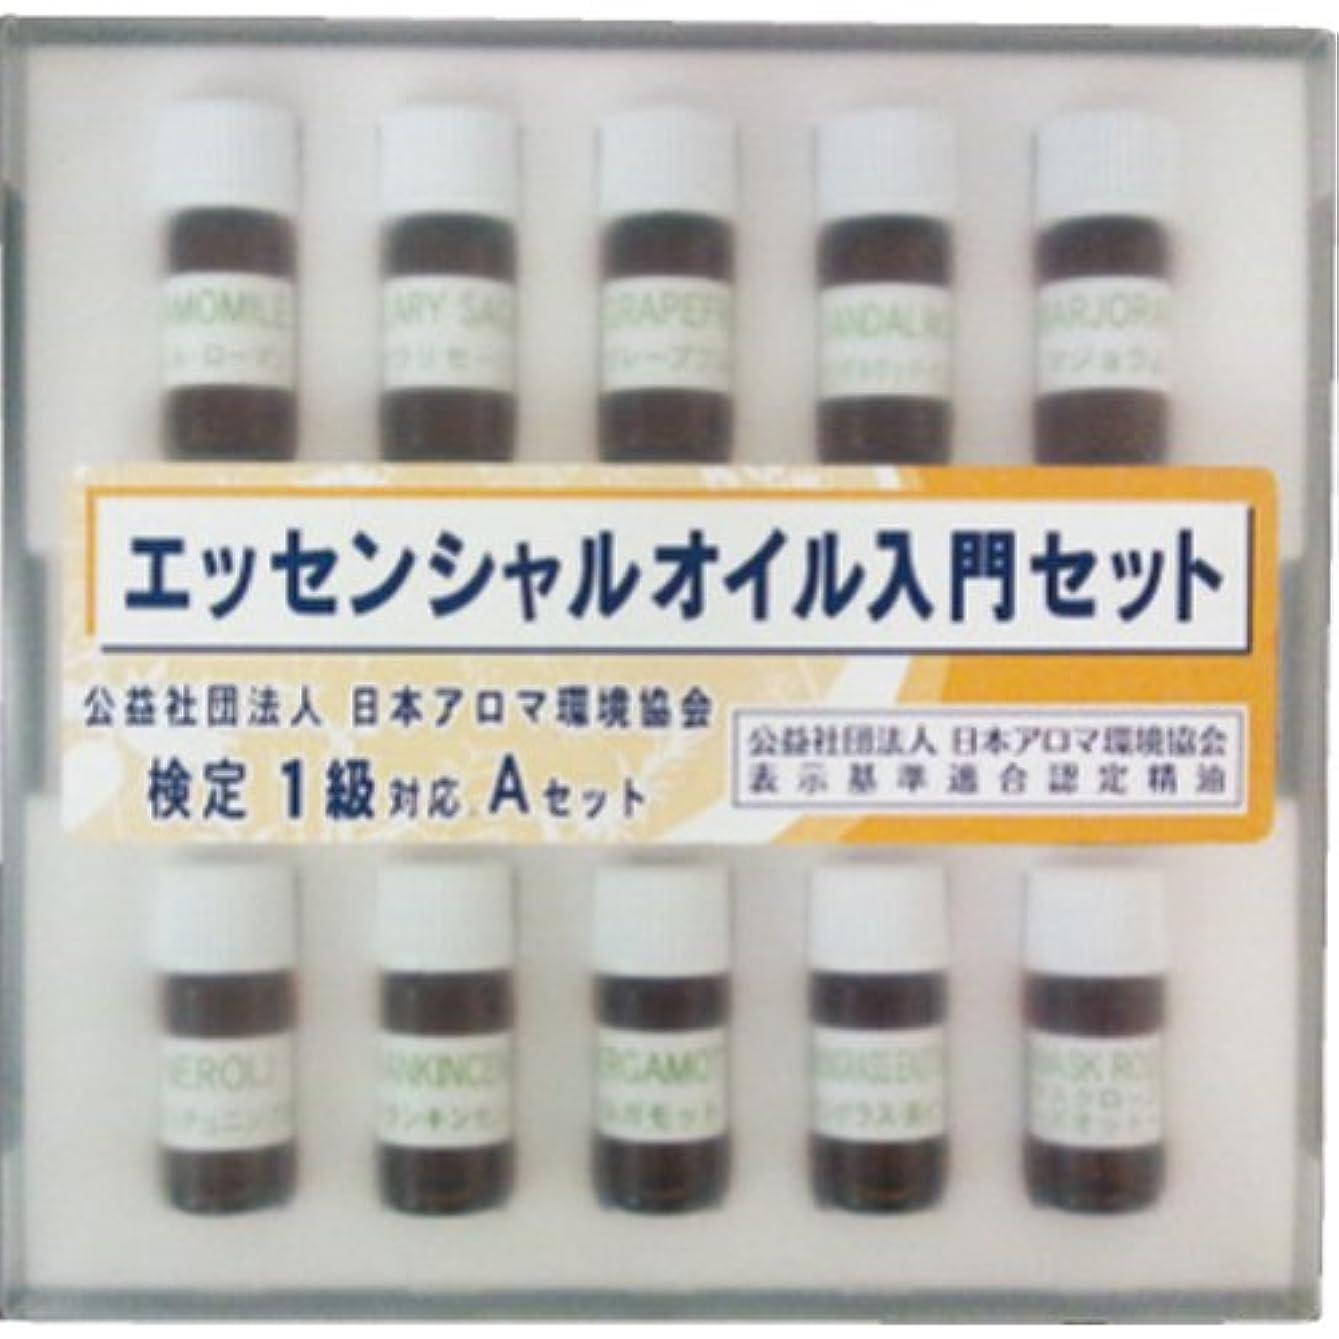 イチゴペッカディロアストロラーベ生活の木 (公社)日本アロマ環境協会資格試験対応セット 検定1級対応Aセット